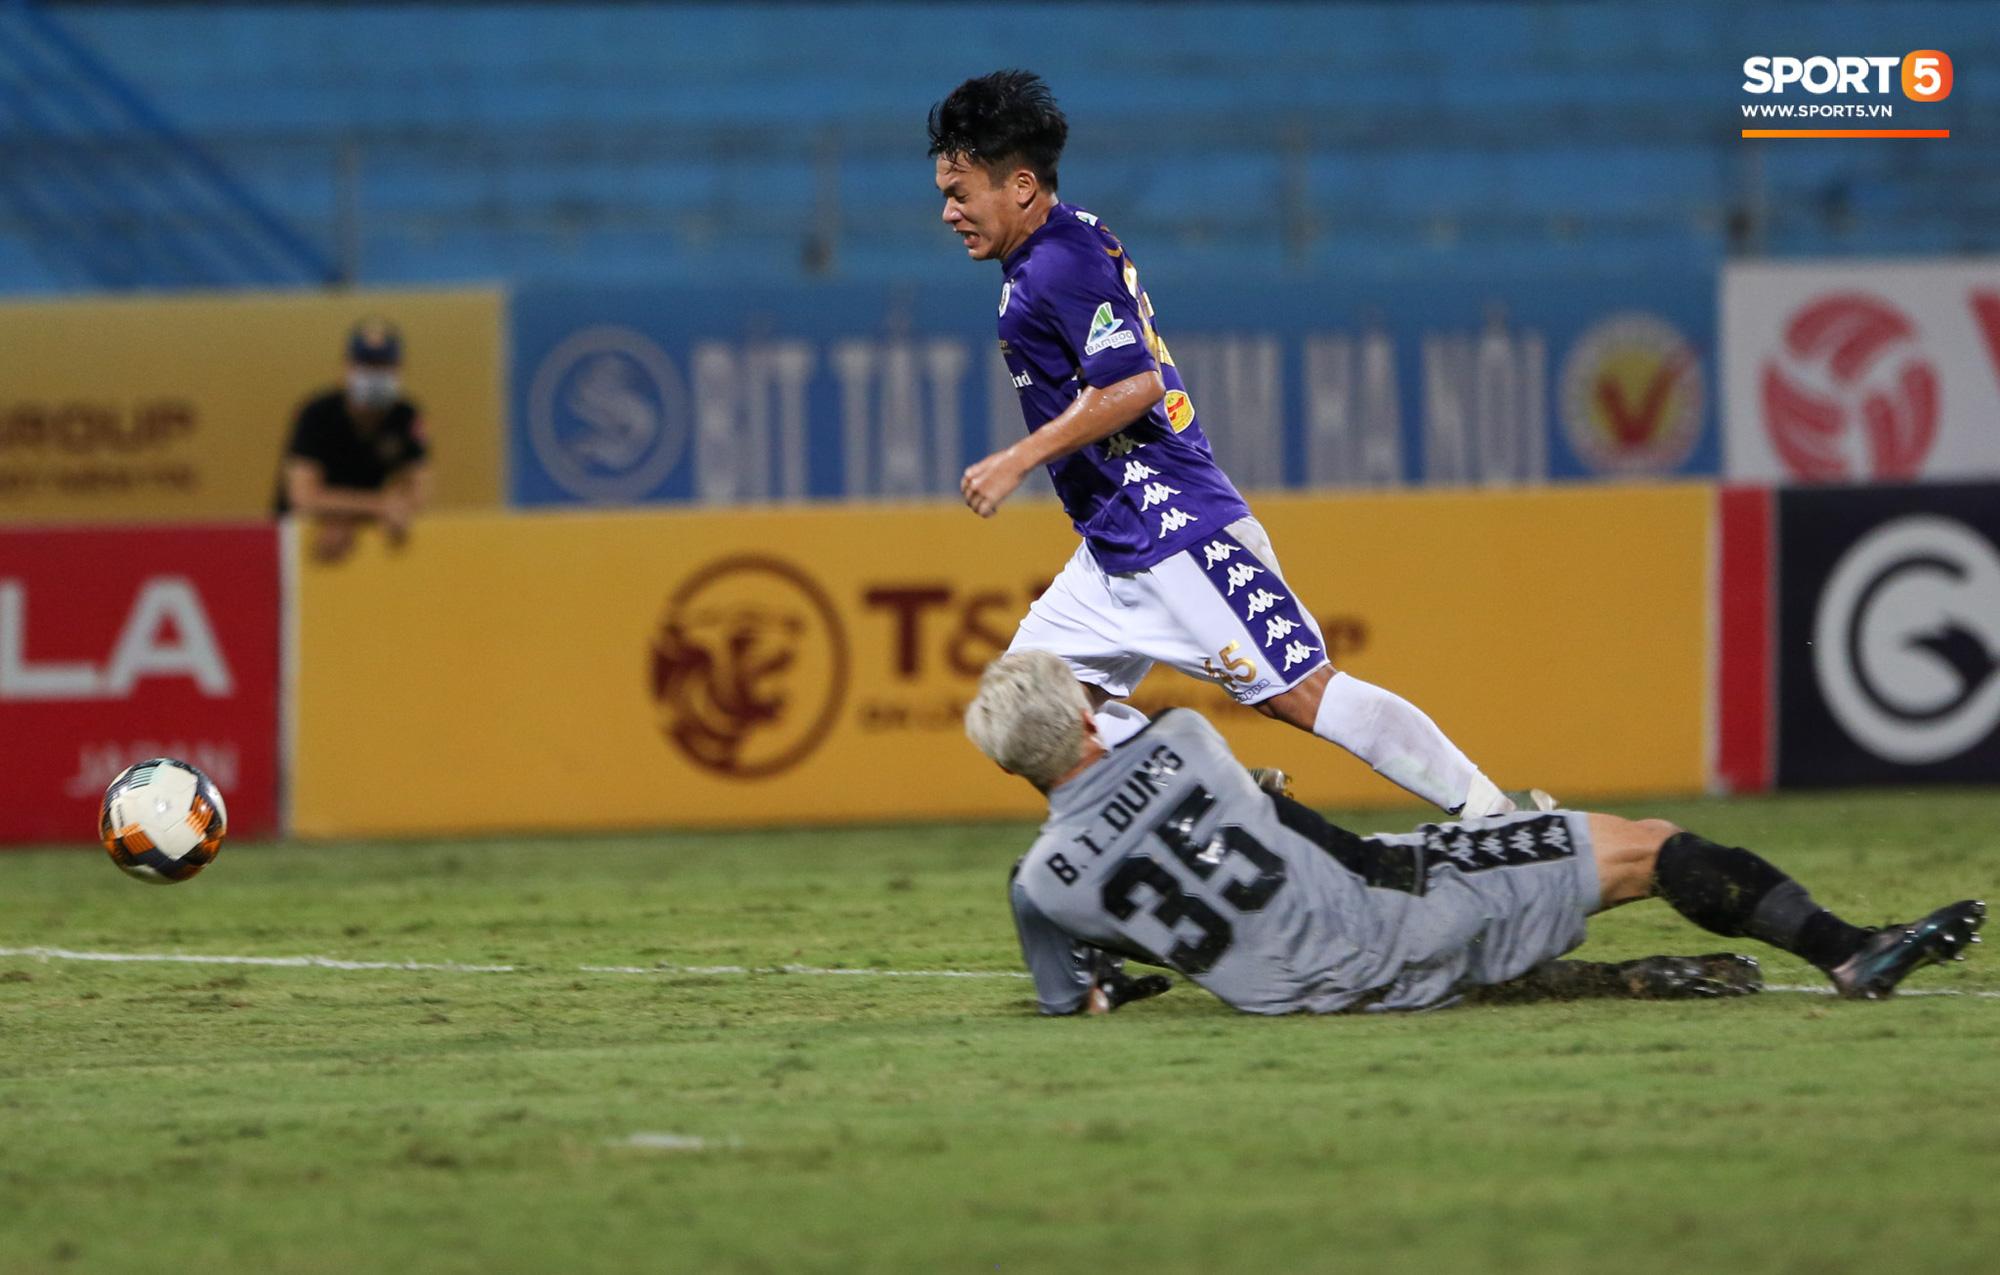 Bùi Tiến Dũng xử lý khiến cầu thủ Hà Nội FC tẽn tò nhưng không che lấp nổi ngày thảm hoạ - Ảnh 6.